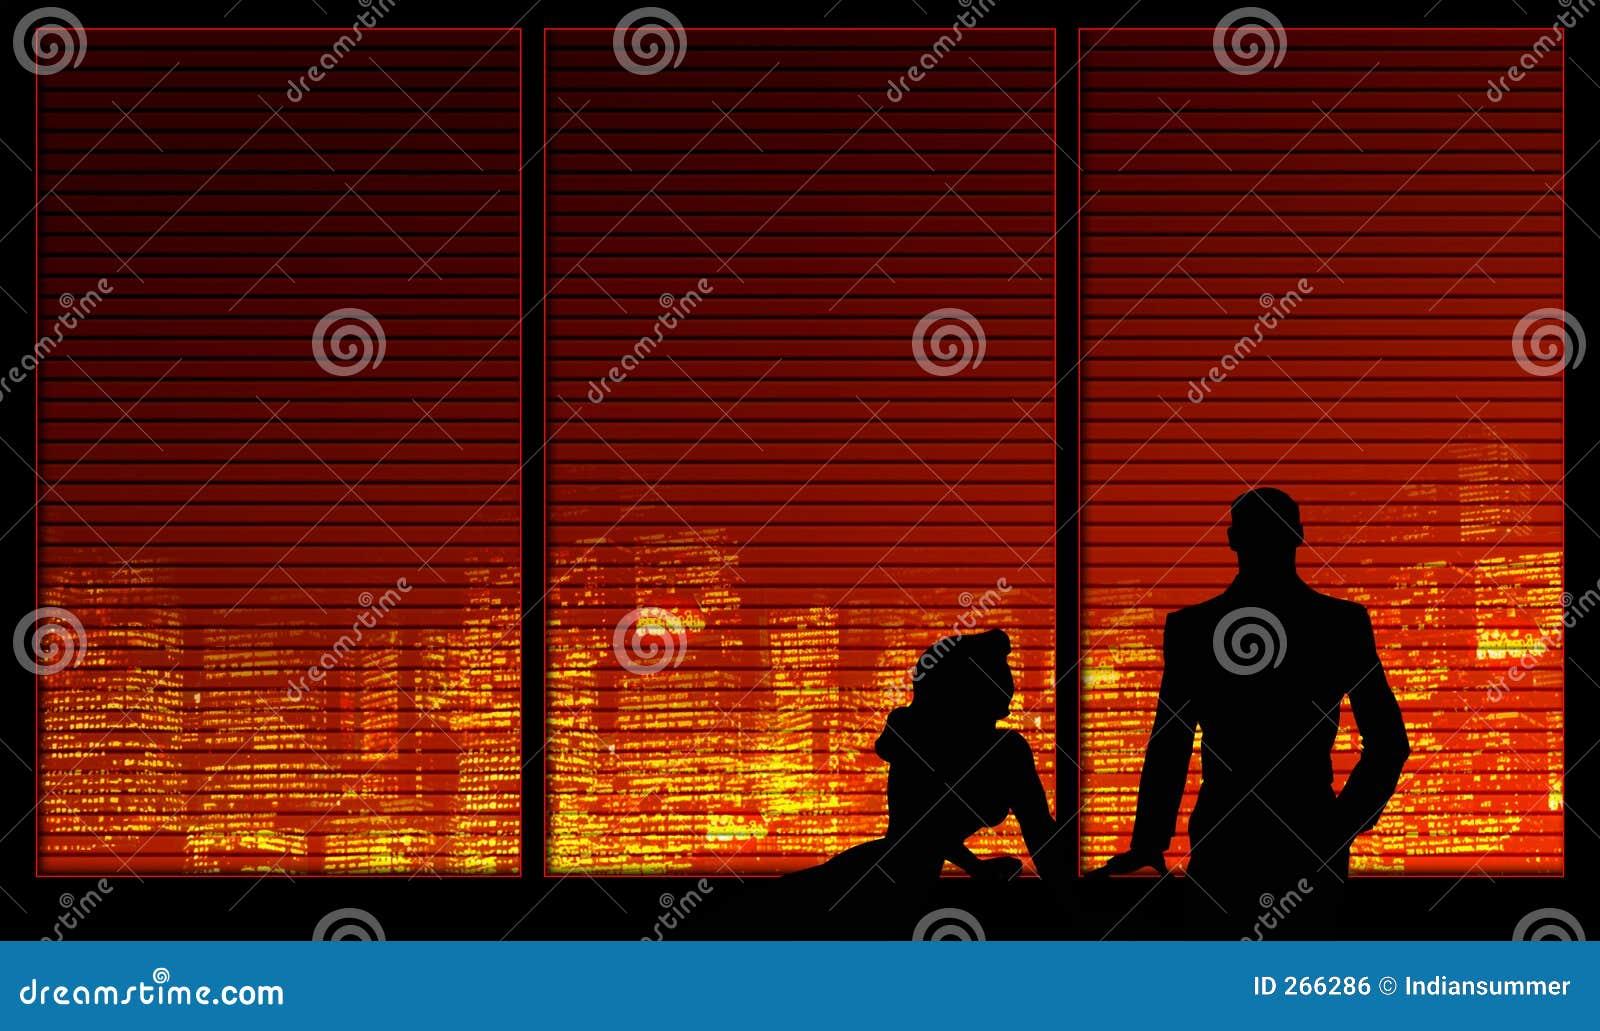 Fensterhintergrundserie. Ein Paar